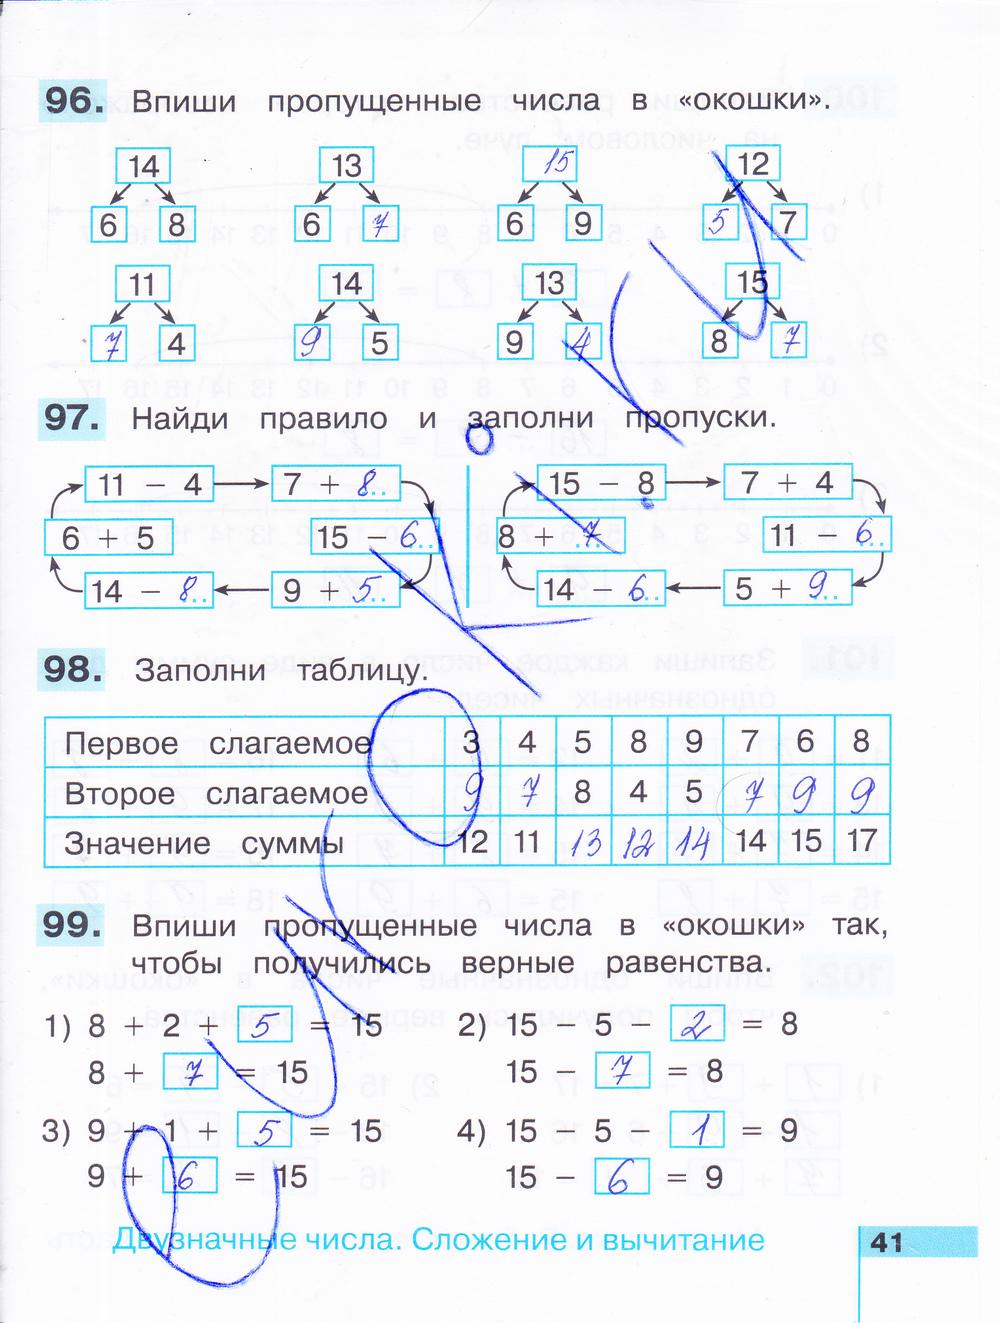 ГДЗ по математике 2 класс рабочая тетрадь Истомина Часть 1, 2. Задание: стр. 41